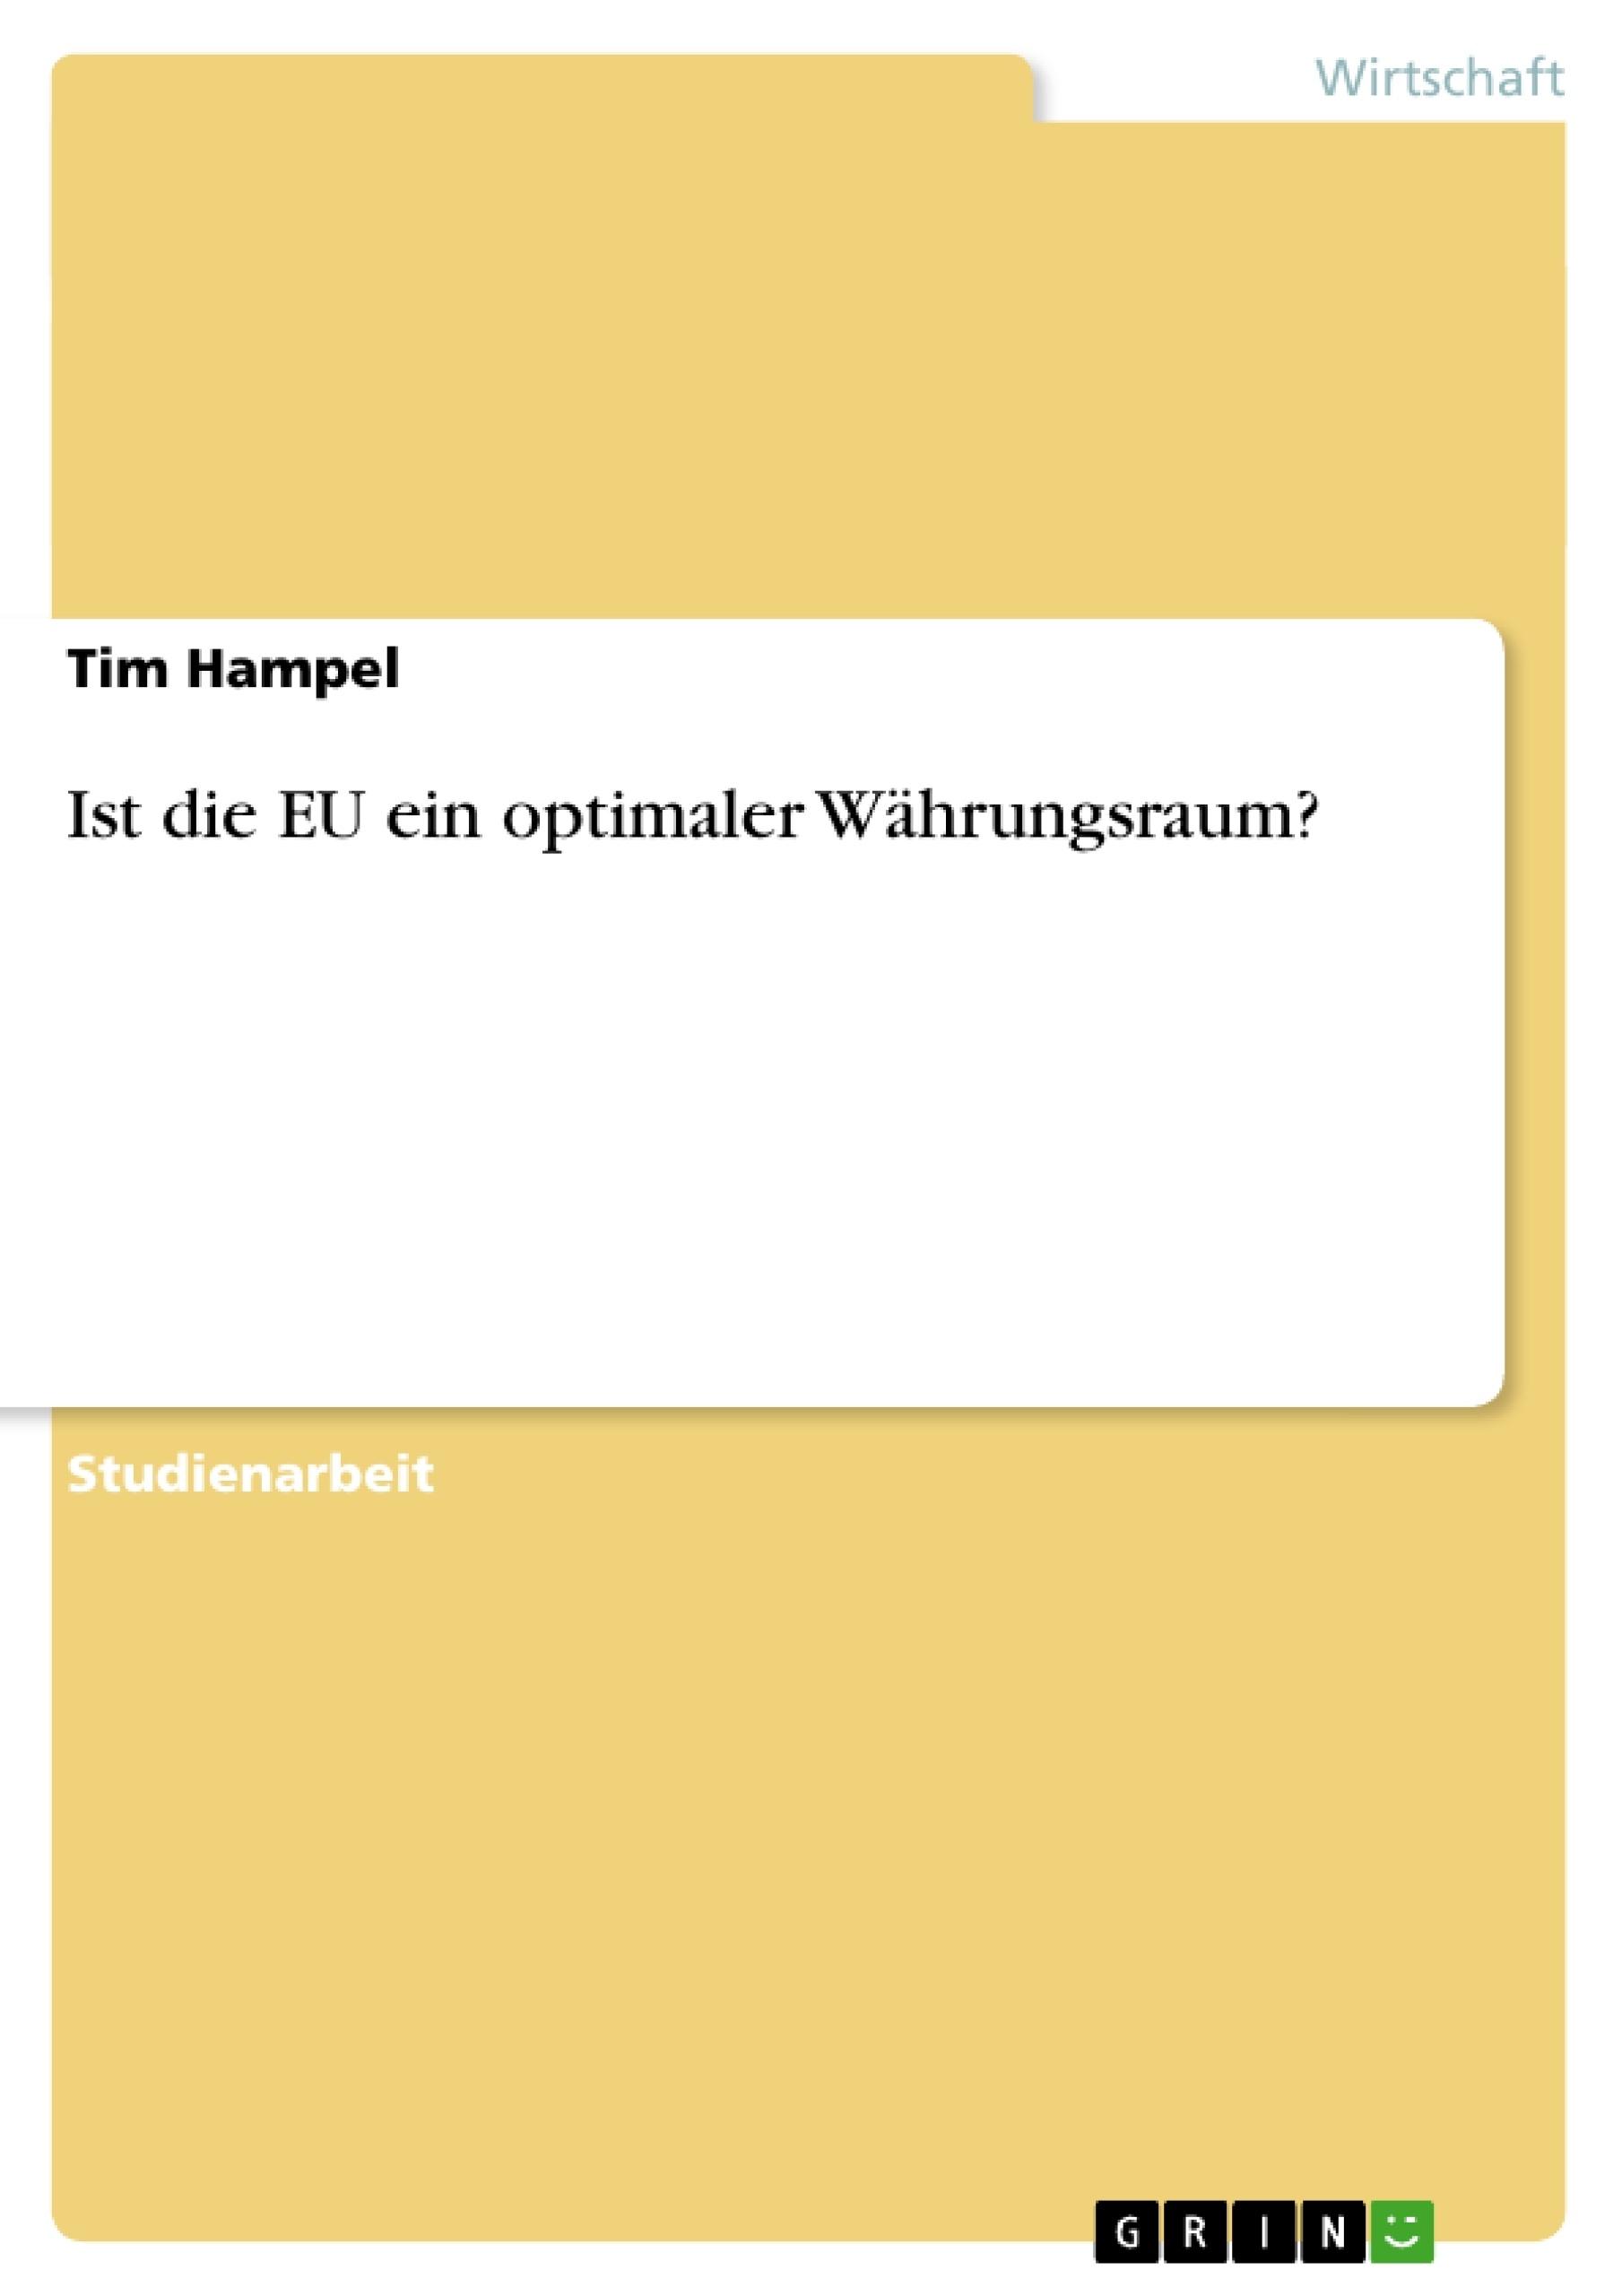 Titel: Ist die EU ein optimaler Währungsraum?